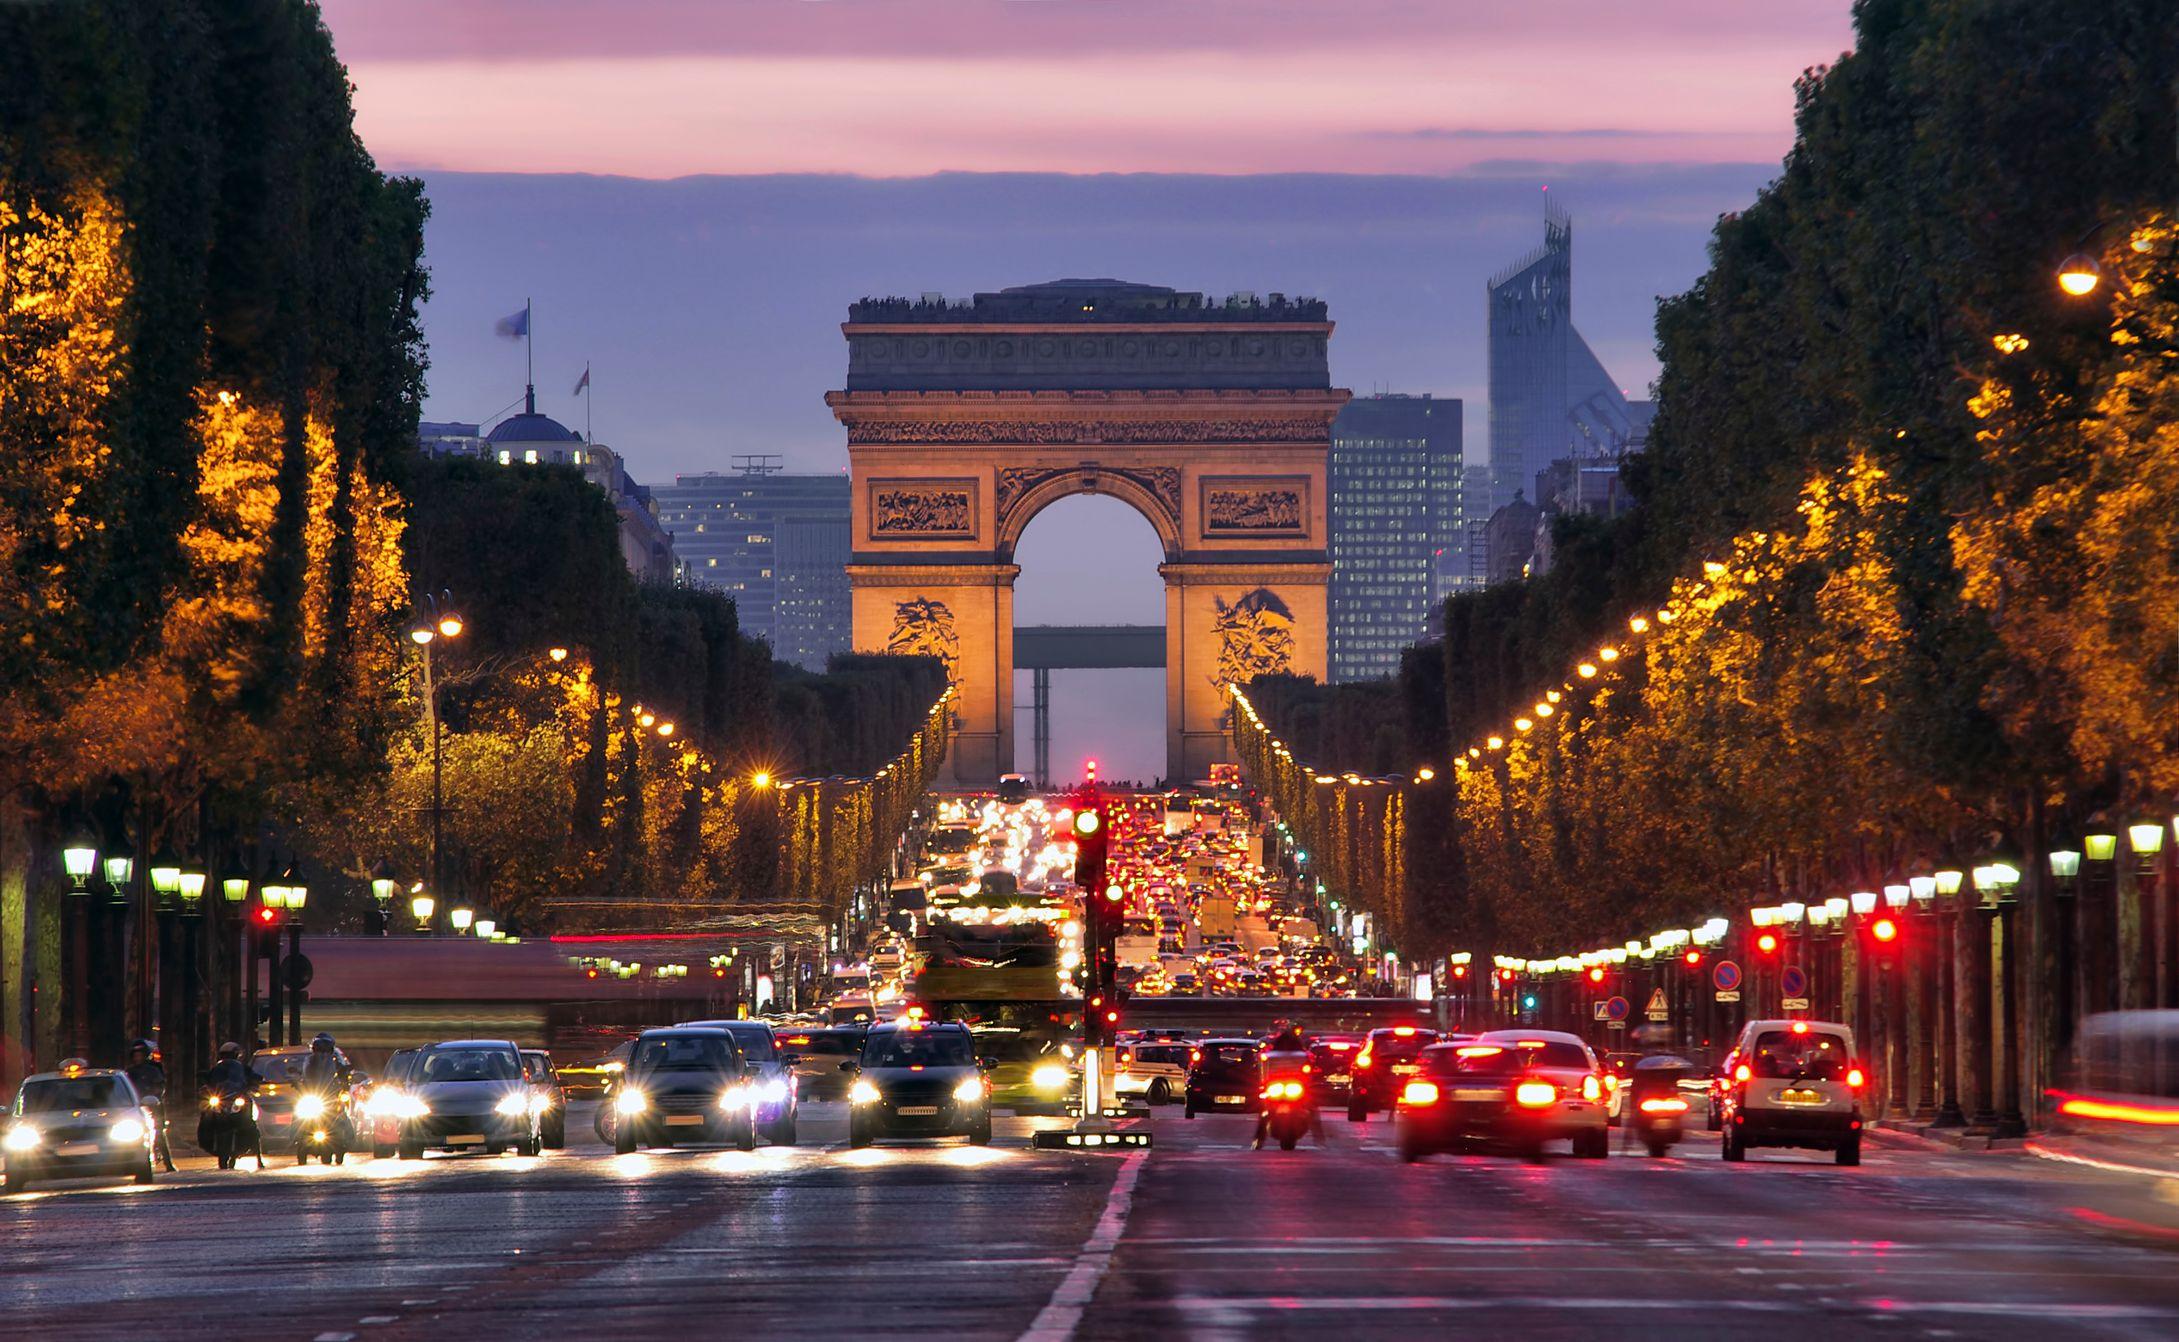 Отели вблизи Триумфальной арки в Париже не каждому по карману.